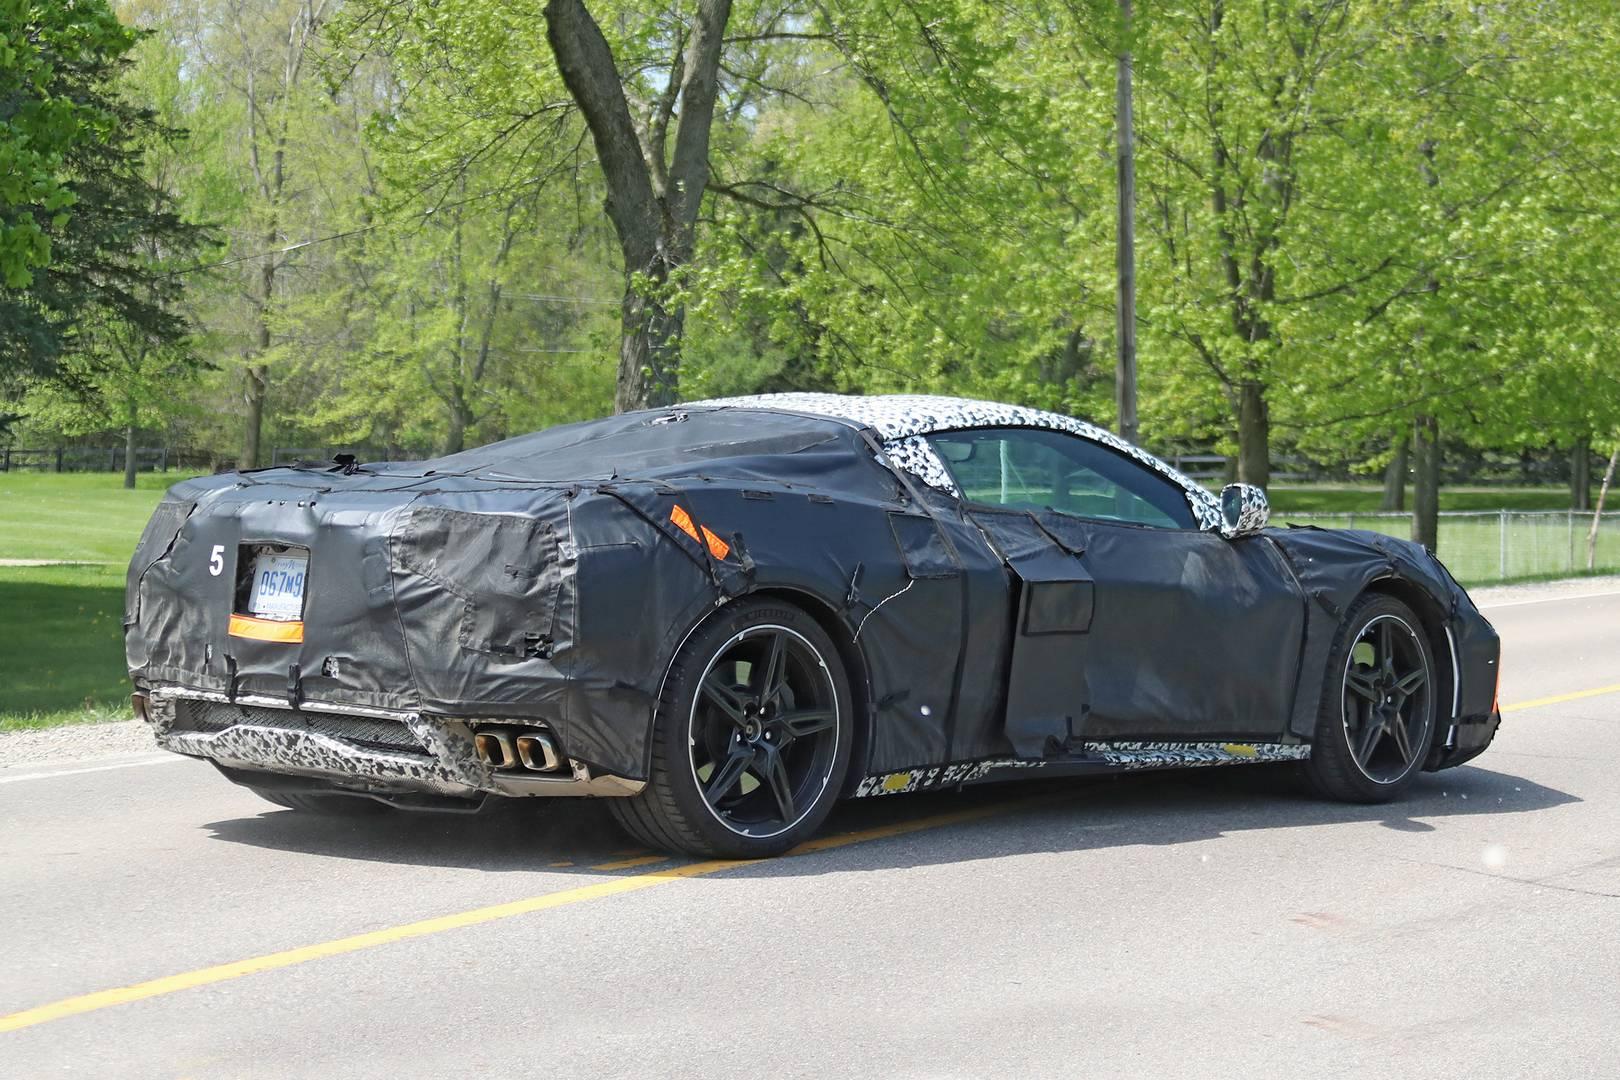 Слухи в настоящее время предполагают, что поколение C7 получит гибридный вариант в следующем году, до запланированного в 2021 году выпуска модели поколения C8. Это не первый случай, когда в Corvette двигатель располагается посередине. Проект был перв